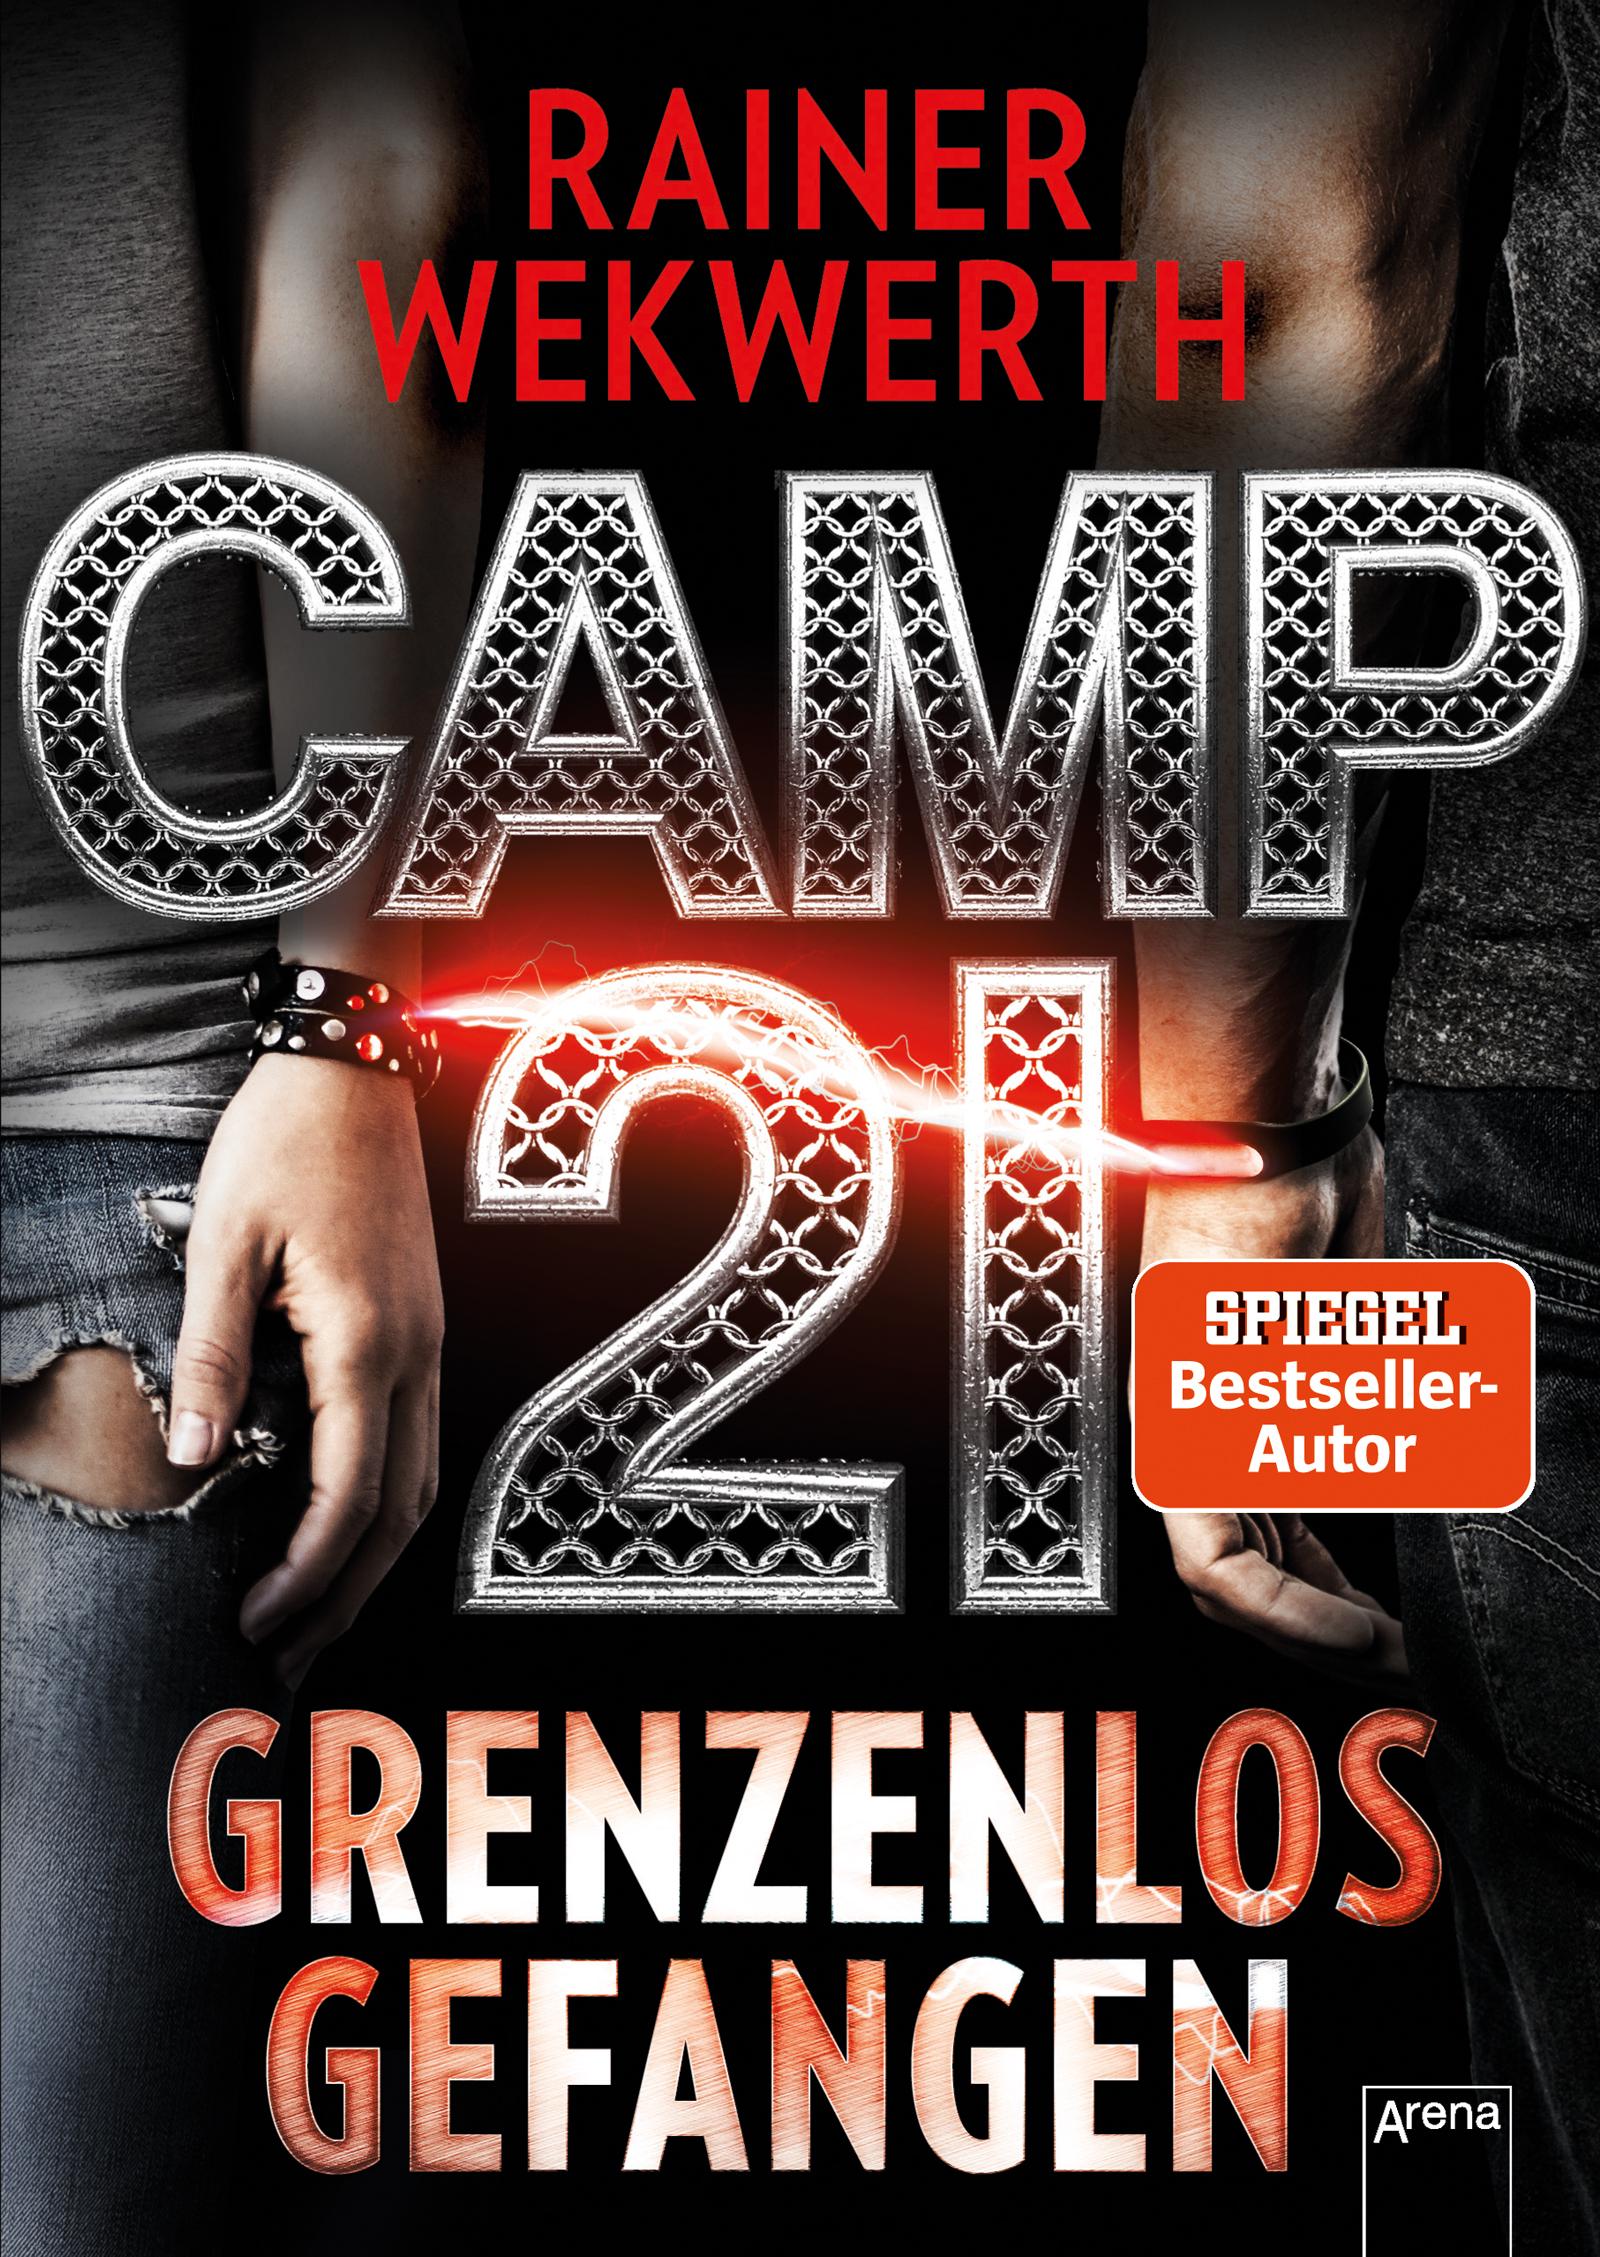 Bildergebnis für camp 21 grenzenlos gefangen